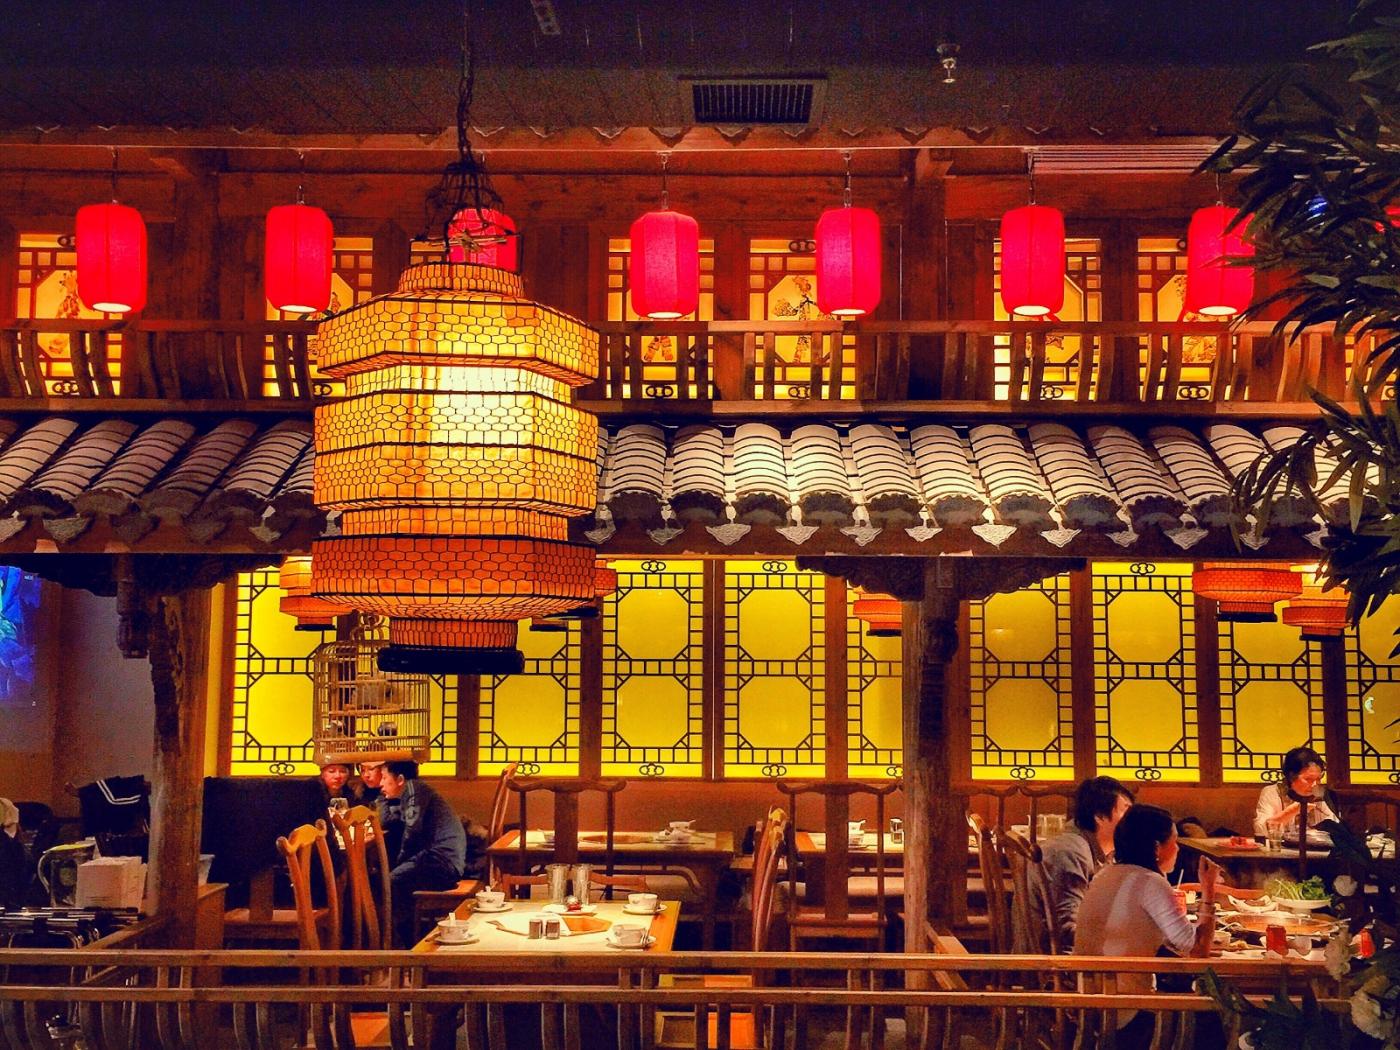 【盲流摄影】纽约法拉盛的中餐馆品味在提升-手机摄影_图1-20